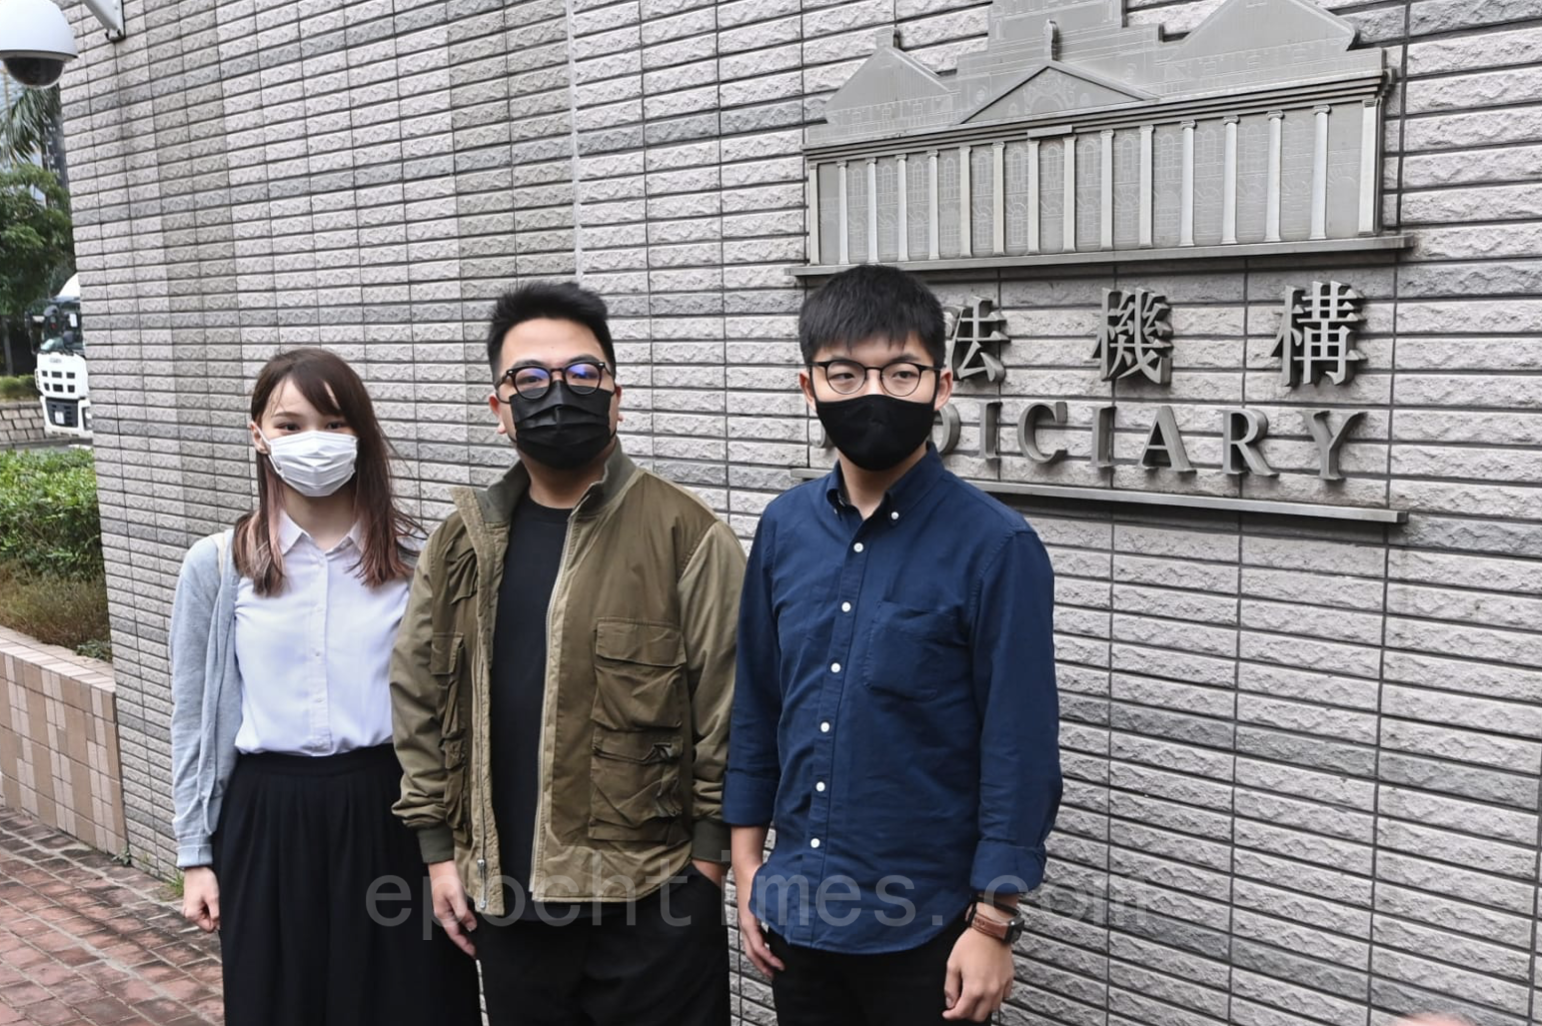 11月23日周庭、林朗彥、黃之鋒(從左到右)在西九龍裁判法院上庭前合影。(宋碧龍/大紀元)